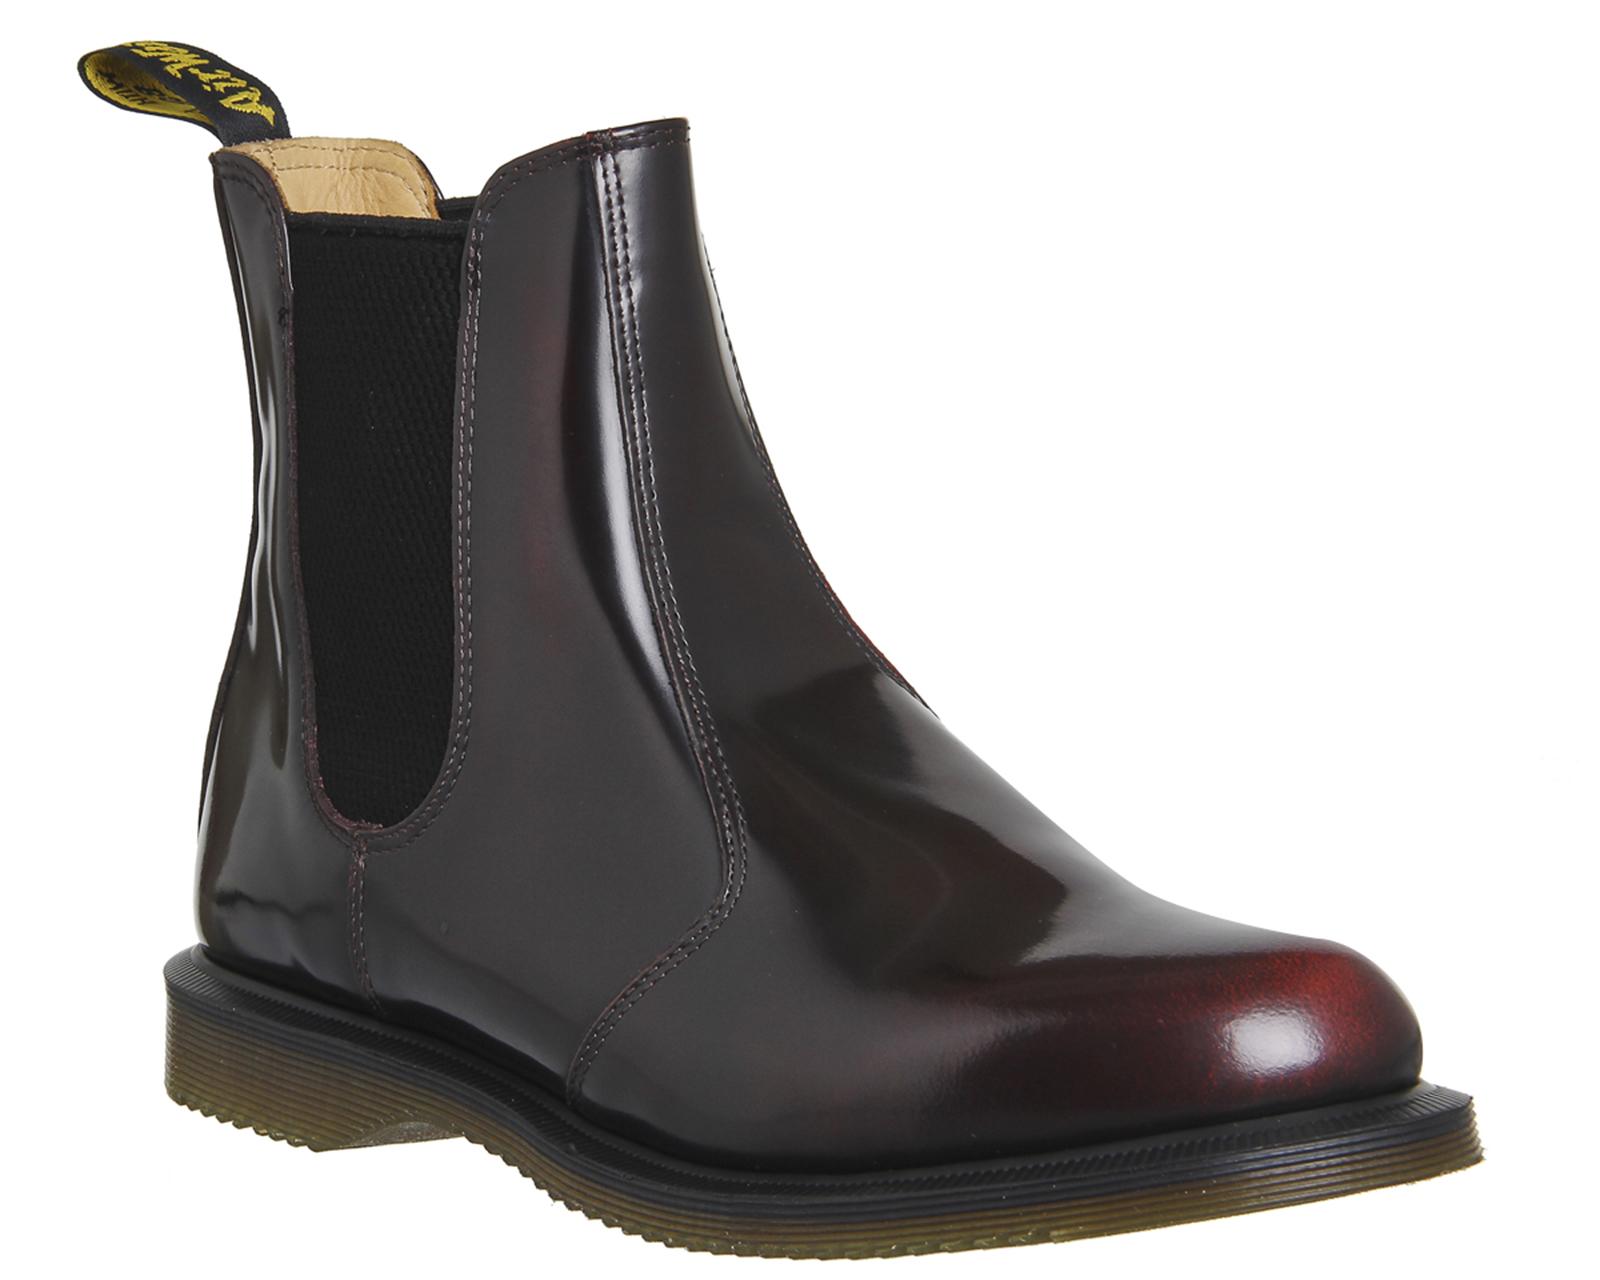 womens dr martens kensington flora boots burgundy leather boots ebay. Black Bedroom Furniture Sets. Home Design Ideas